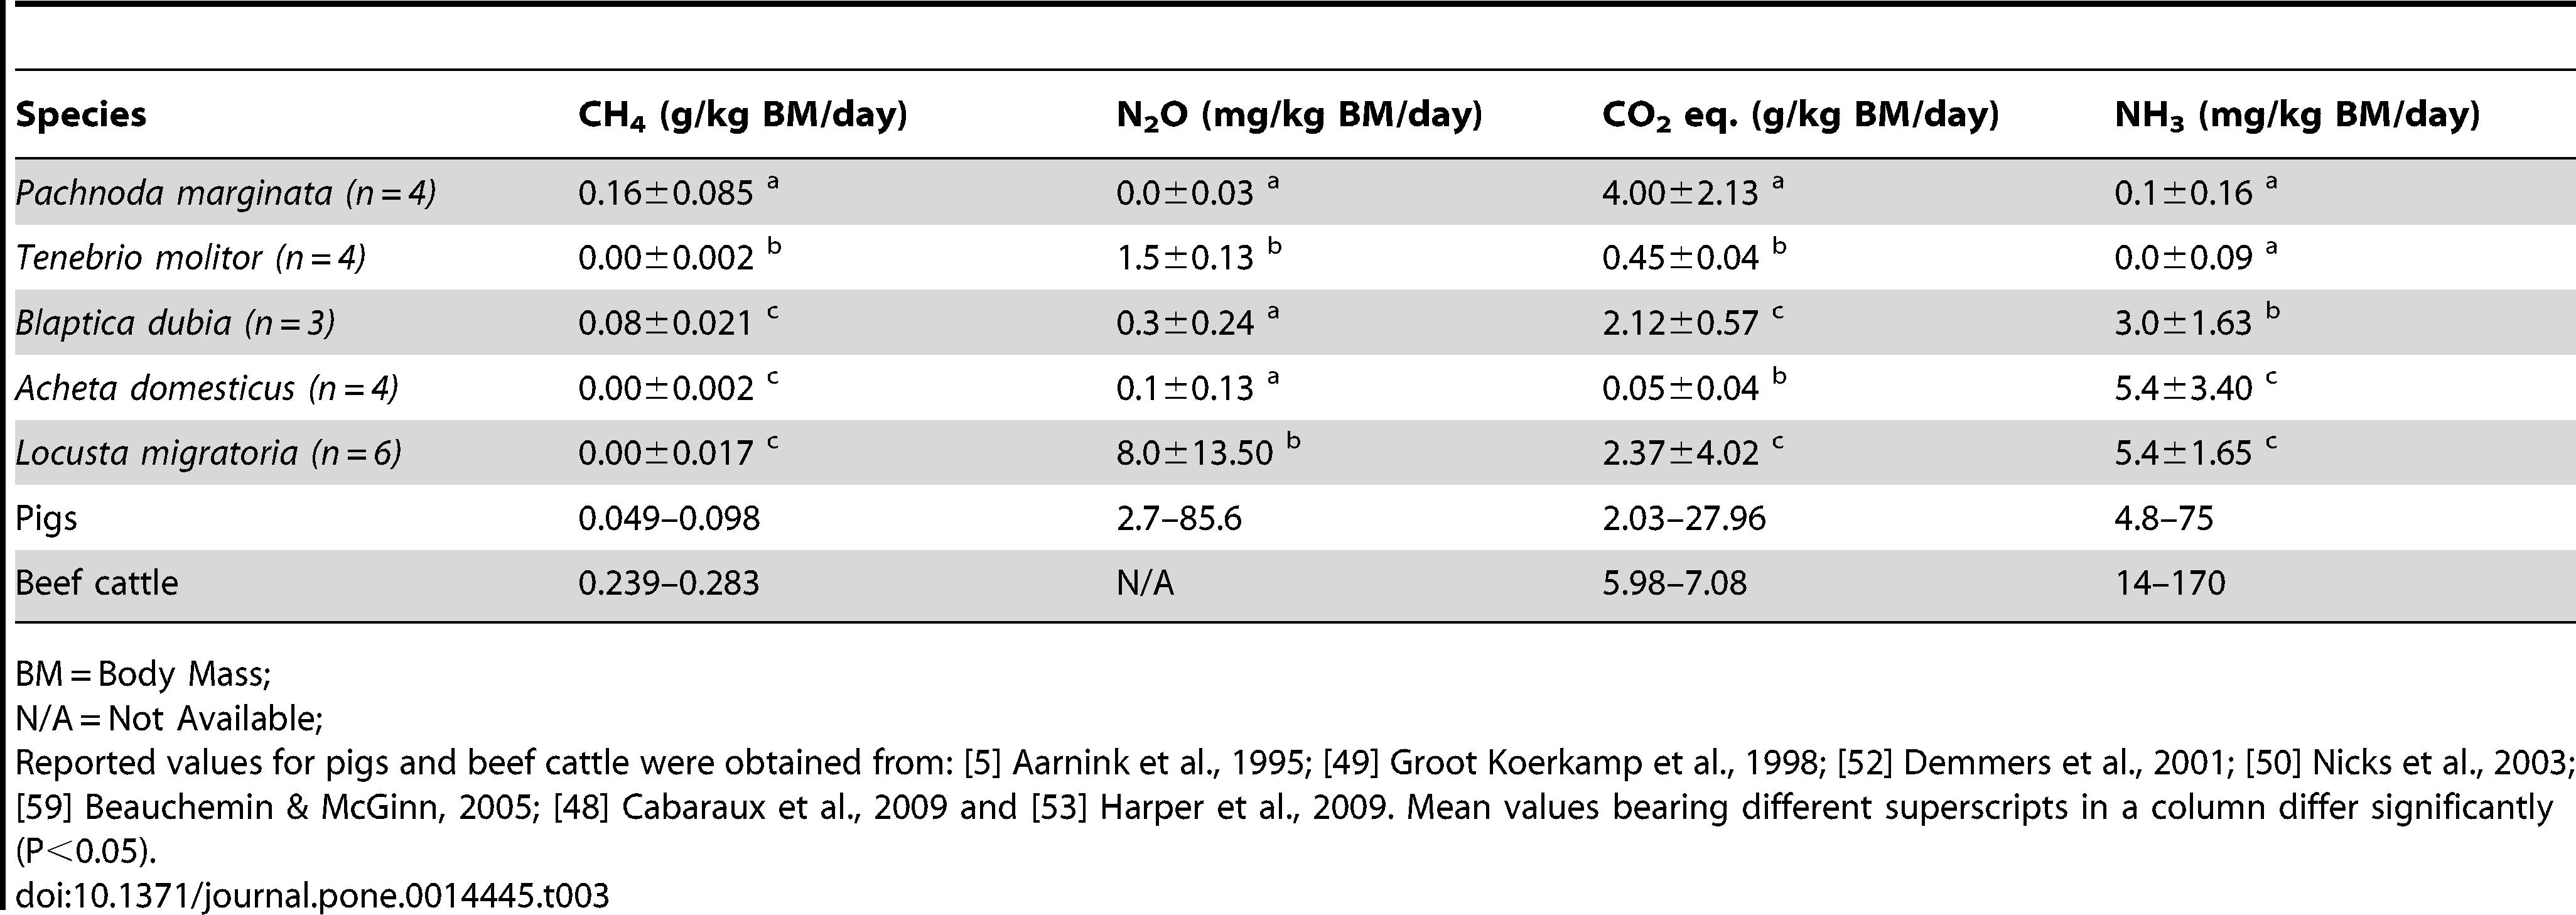 Produzione giornaliera CO2 CH4 N2O NH3 per chiilo di massa